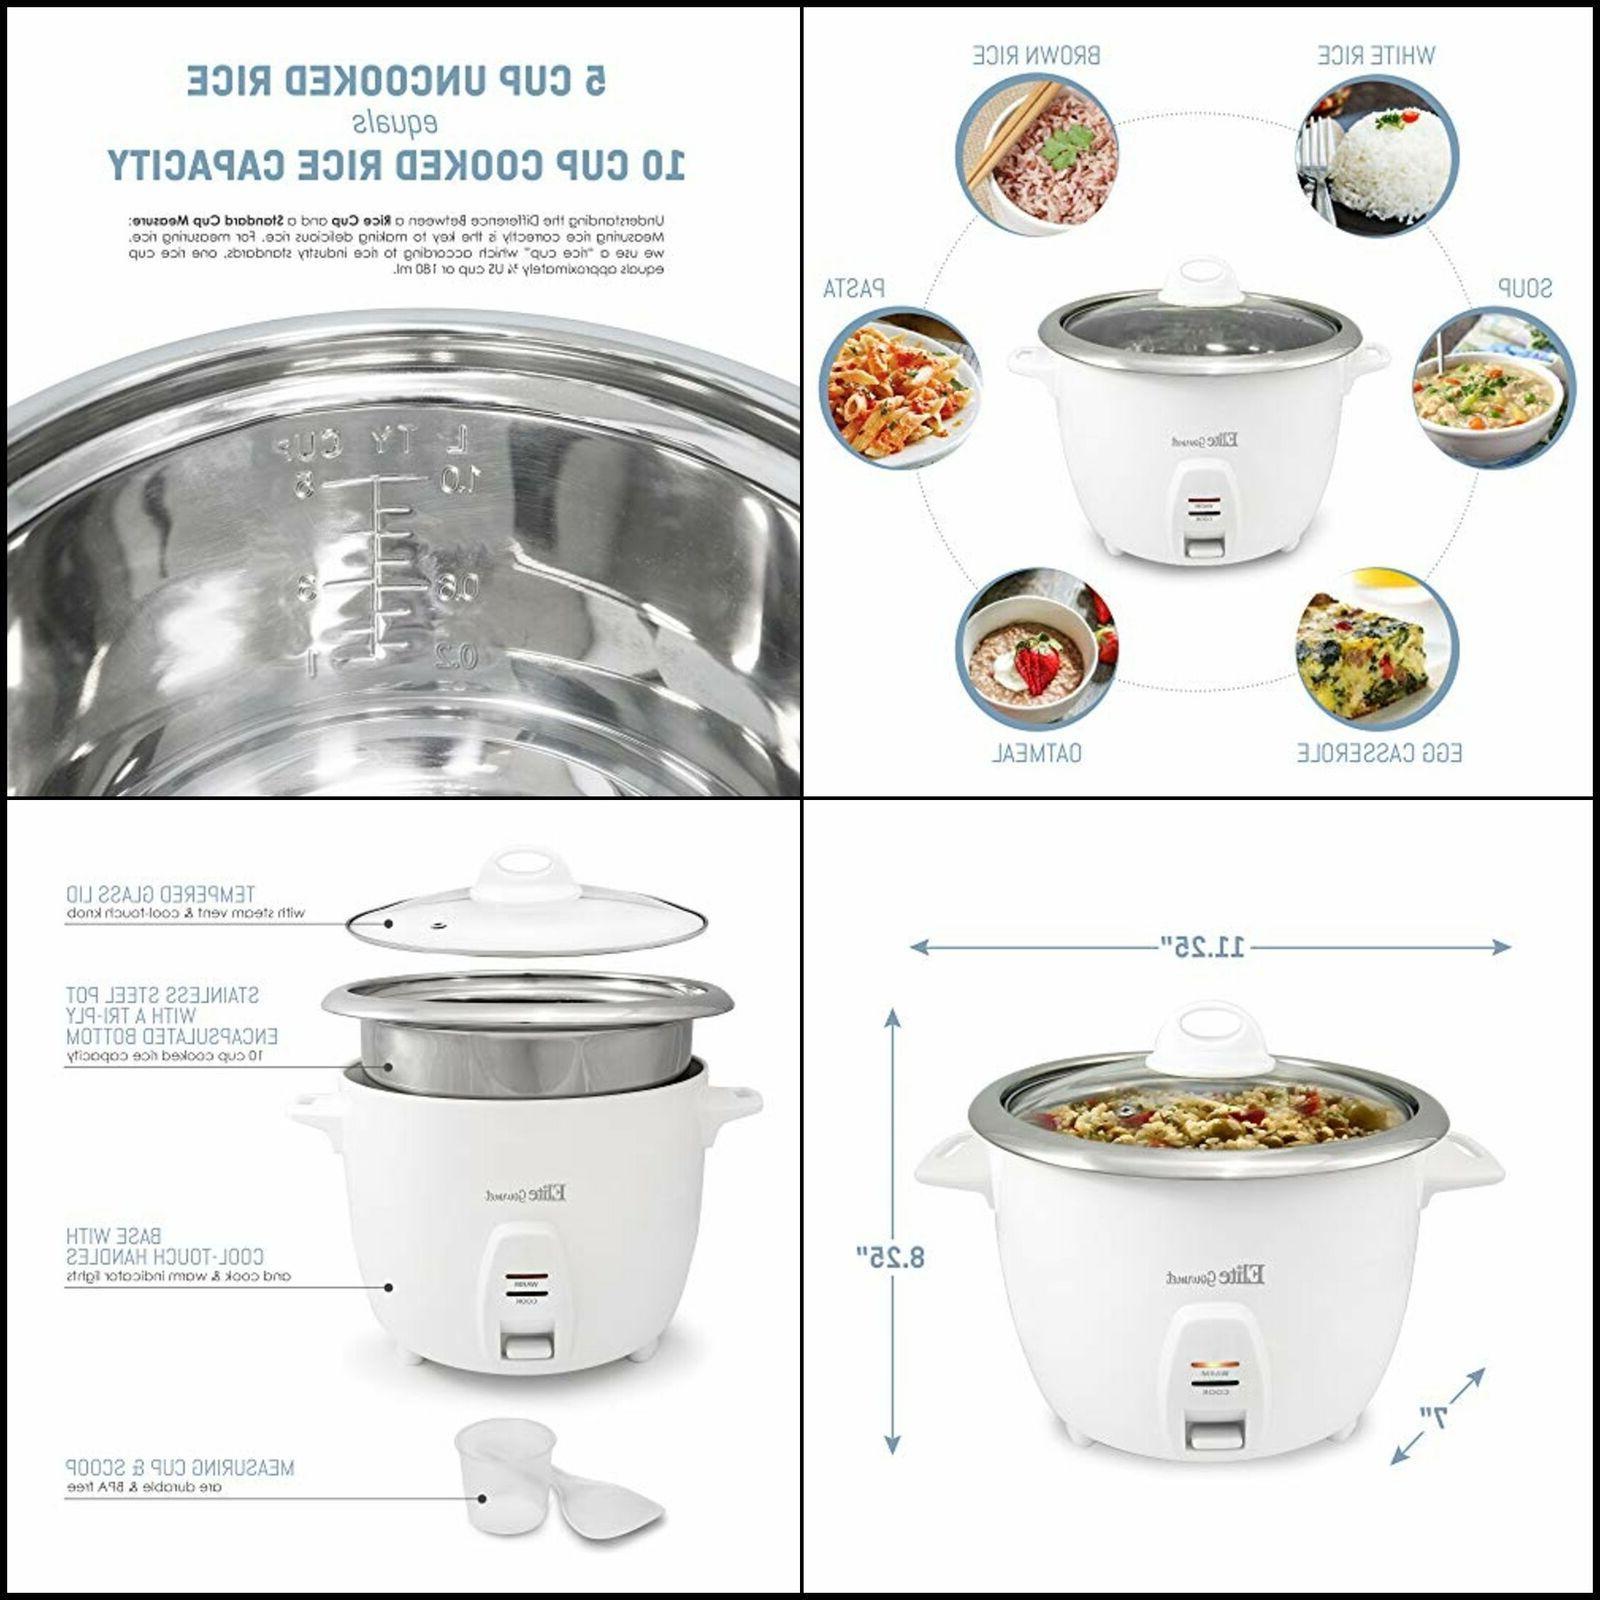 Elite Gourmet Rice Cooker Steel Inner Pot Soups, Stews, Grains, 10 Cups),